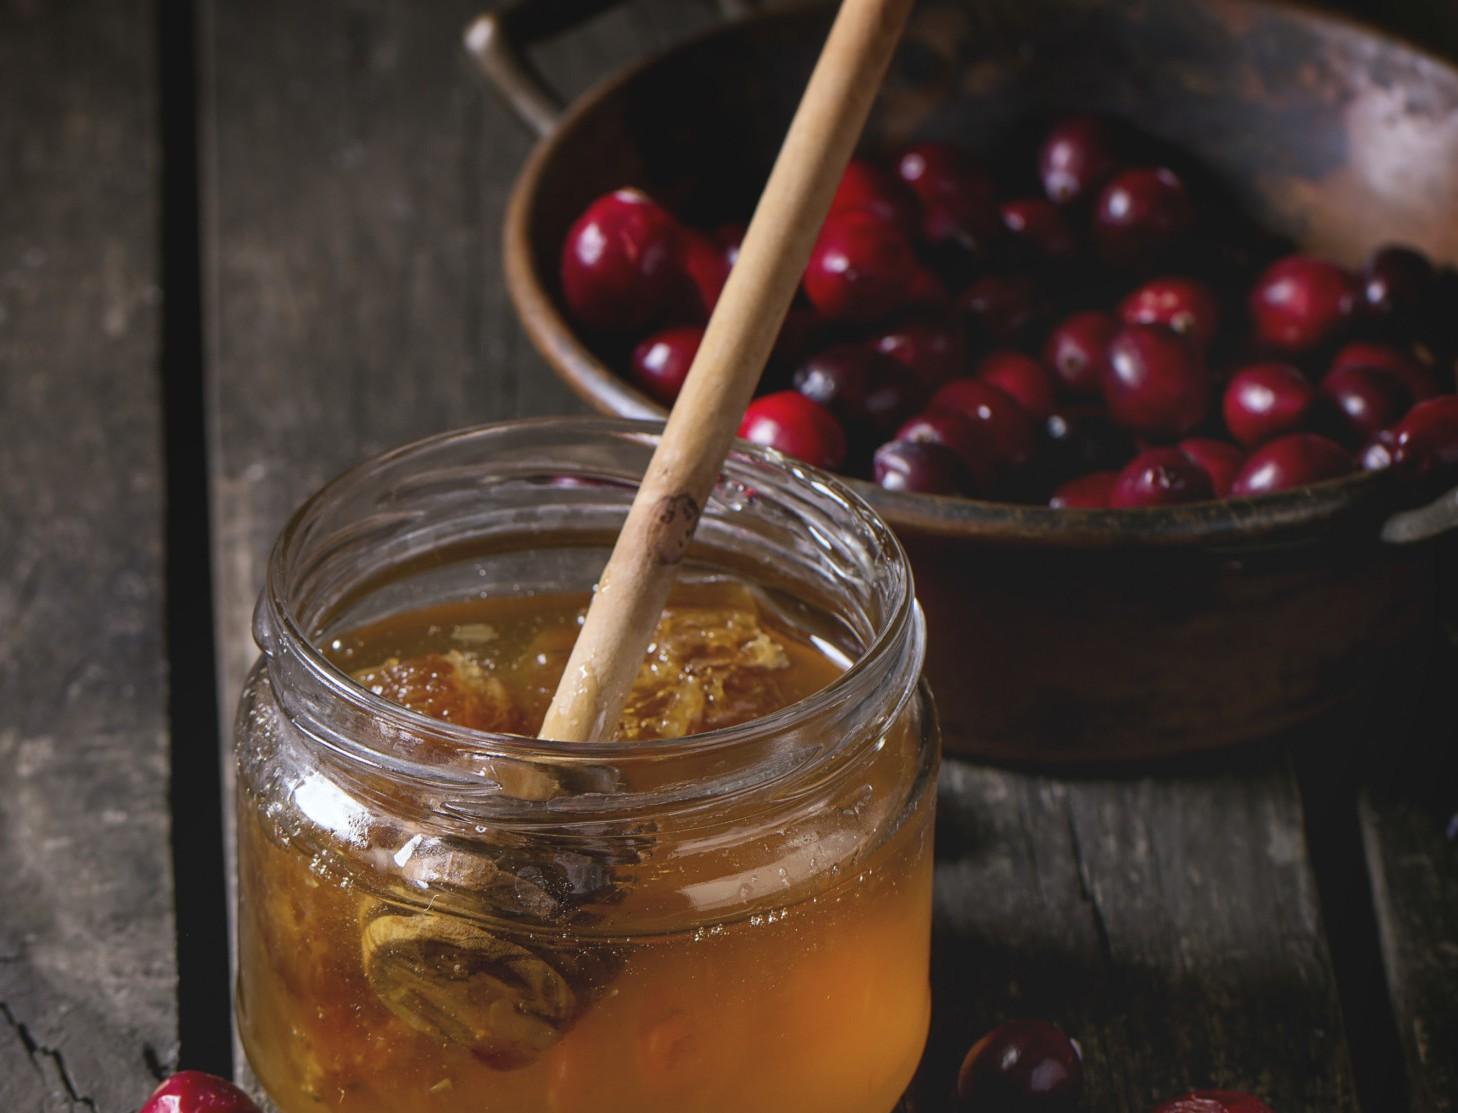 Можно ли употреблять на тощак по 1 чайной ложке глицерин пищевой